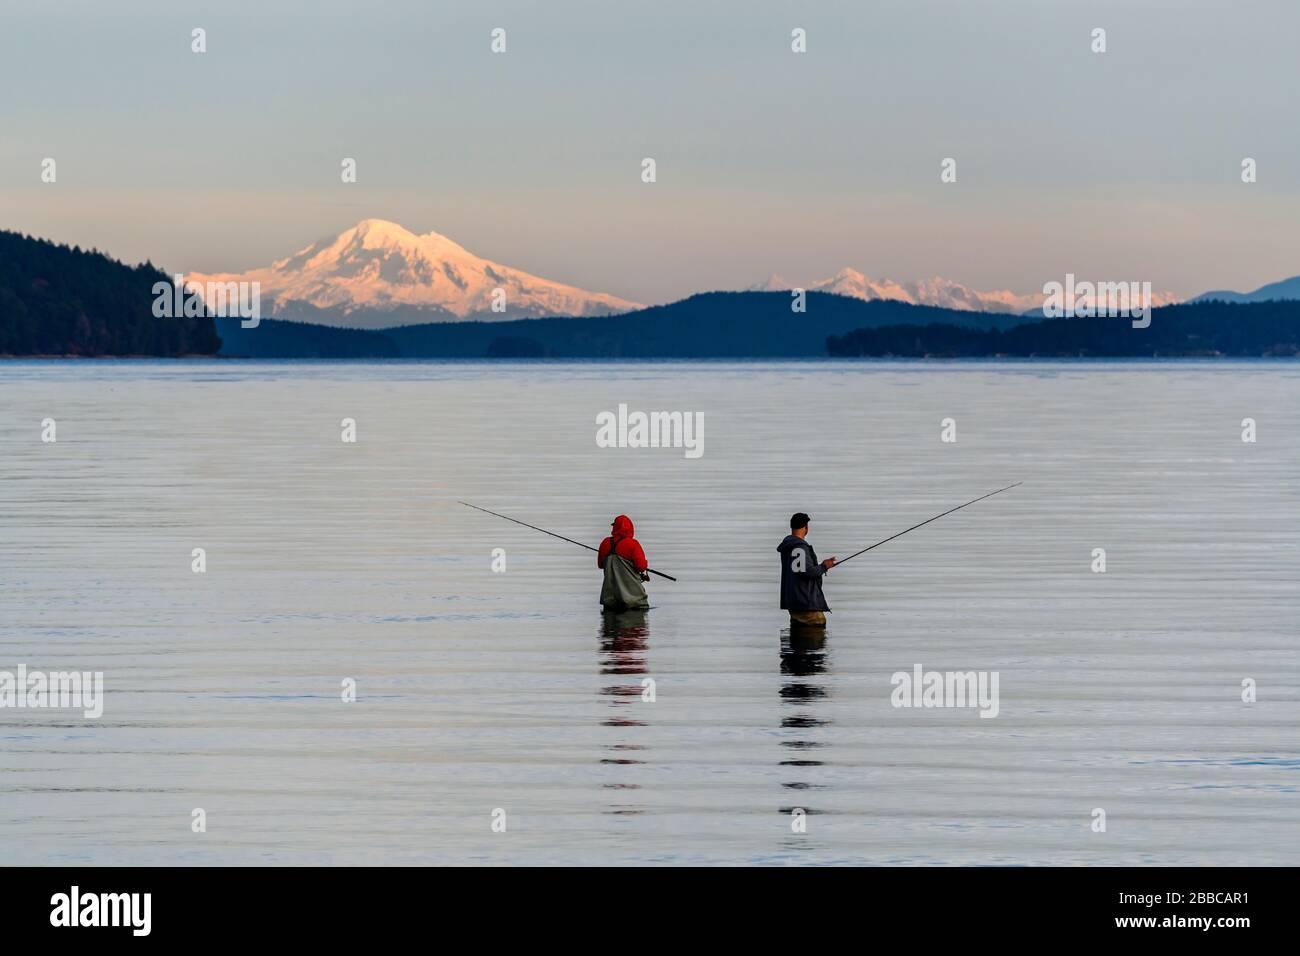 Dos hombres pescando en el océano en Cherry Point Beach cerca de Cowichan Bay, British Columbia. Mt. Baker en el estado de Washington está en el fondo. Foto de stock